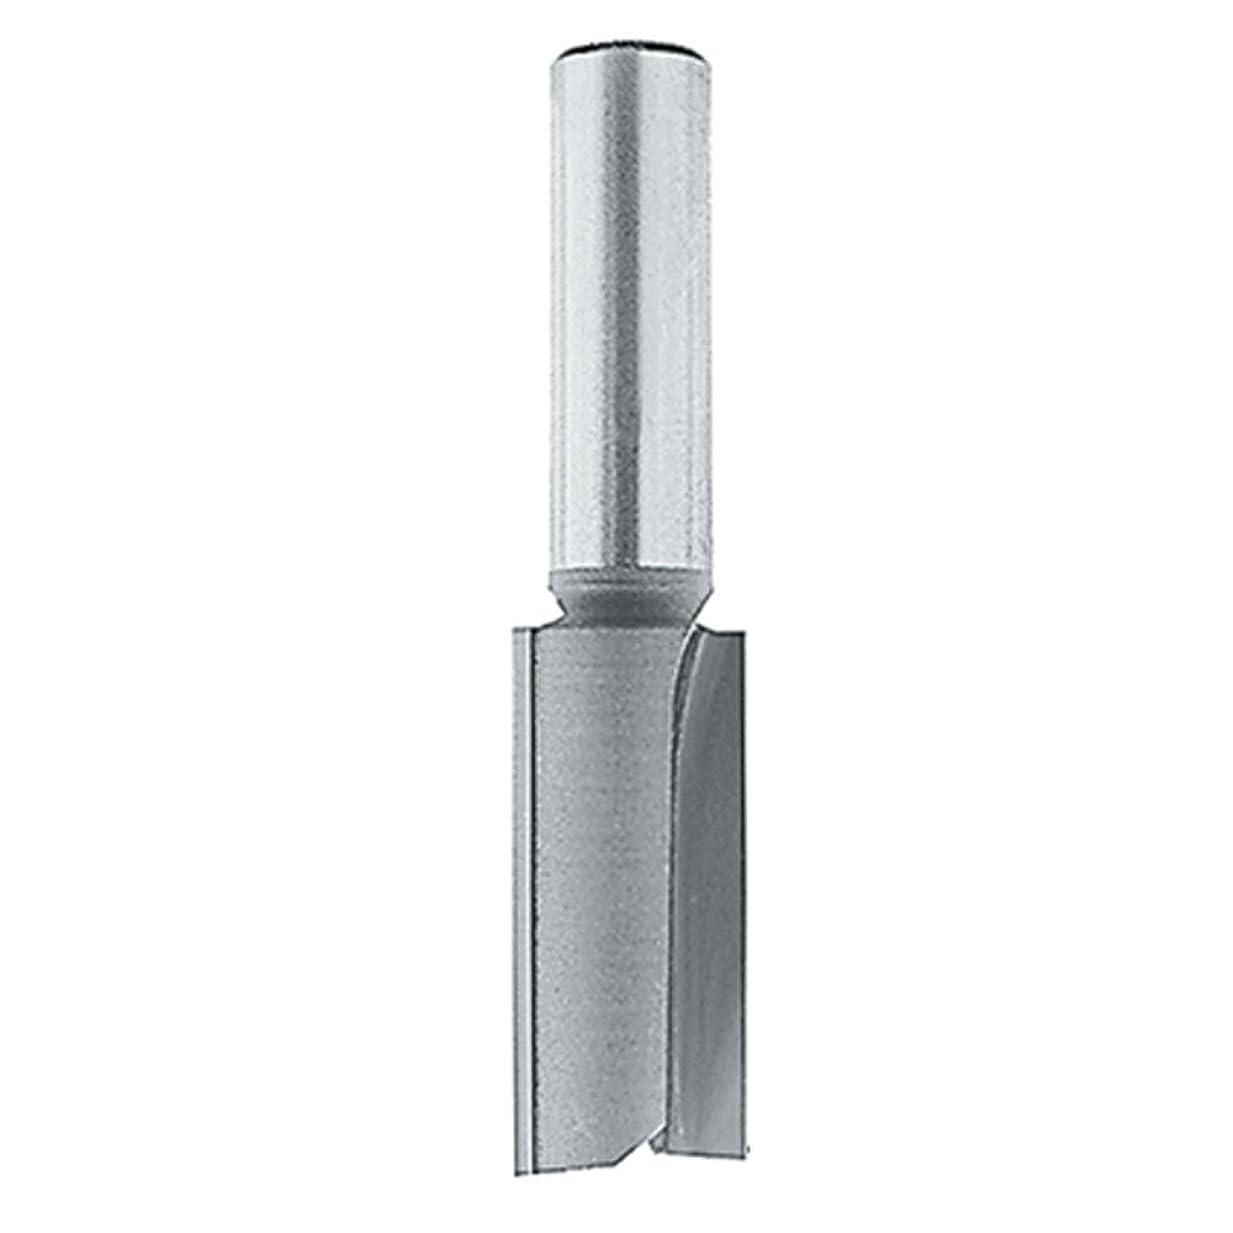 宿統合する興味Makita 733004-2A 1/2-Inch Straight Bit, 2 Cutting Flutes, 1/4-Inch Height Carbide Tip Router Bit by Makita